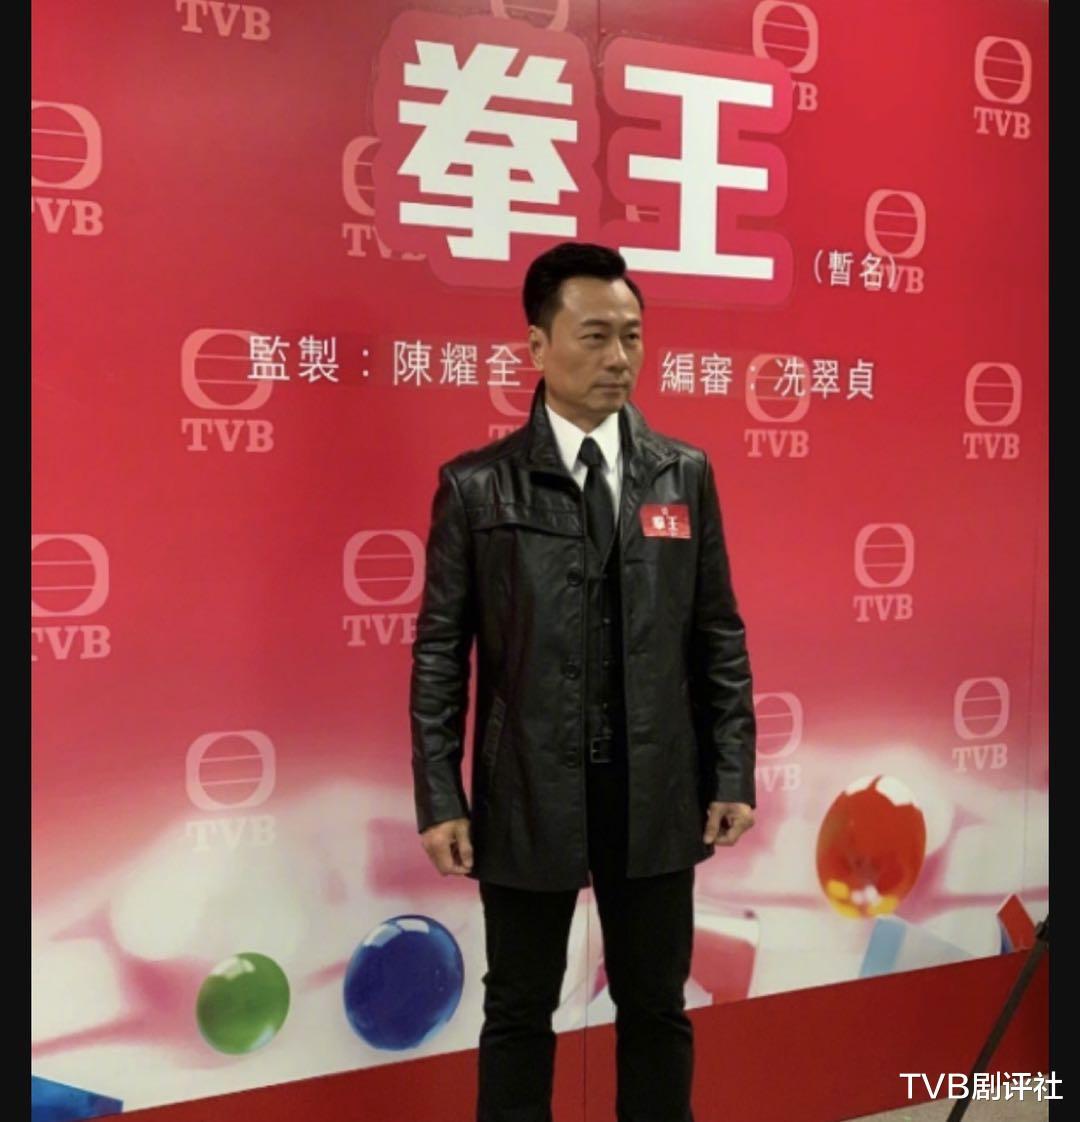 TVB開拍拳擊劇,與八年前劇同名同題材,網友:連劇名都懶得想-圖5